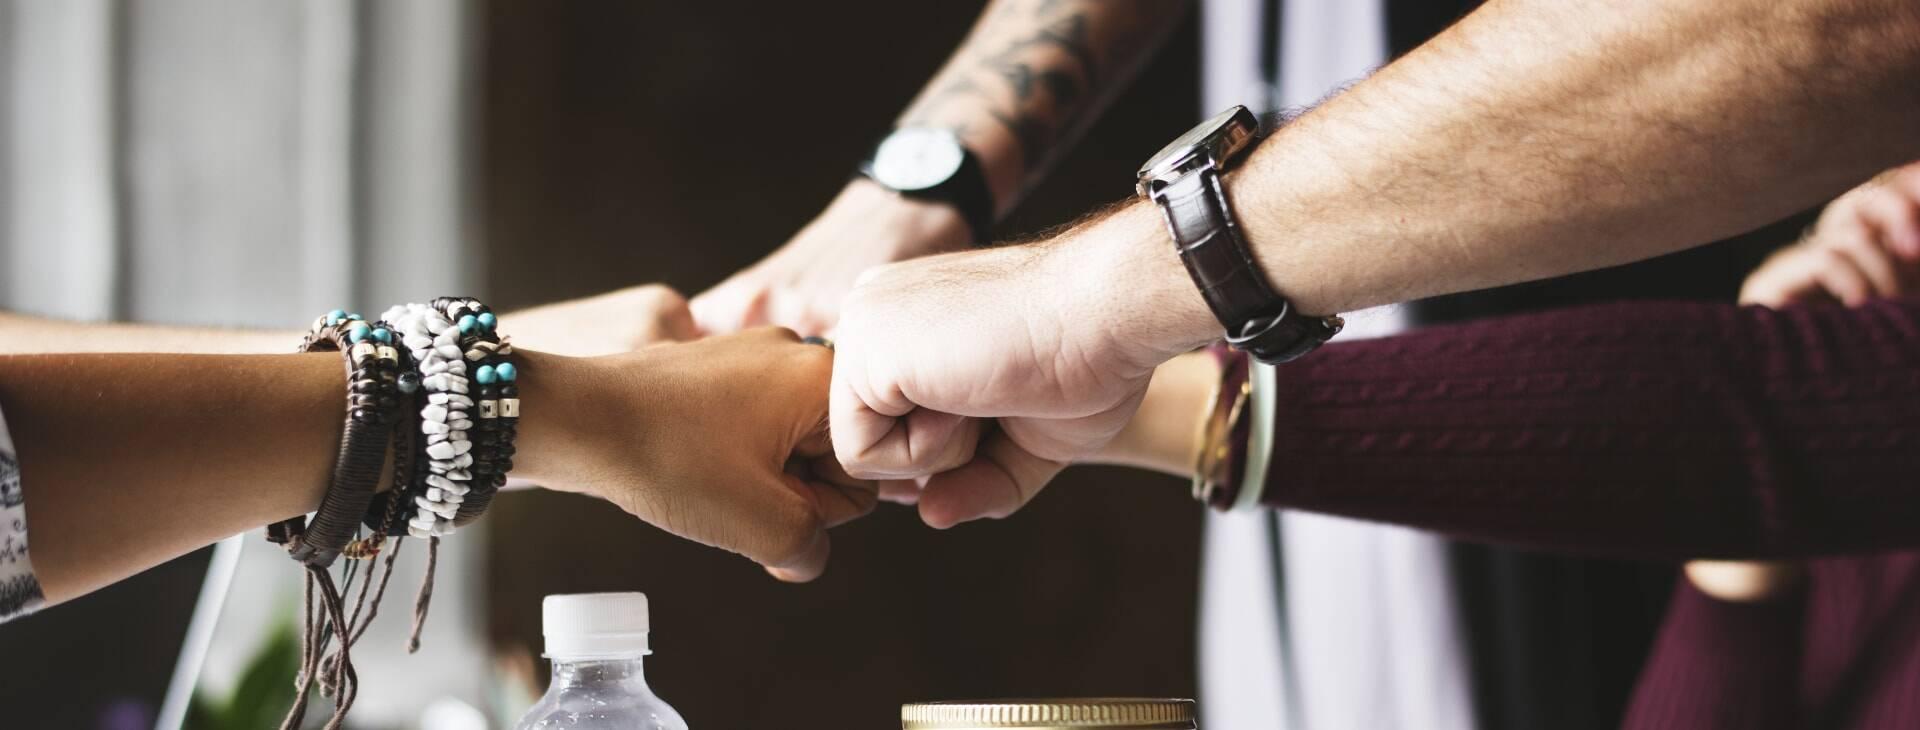 Acuerdos con fabricantes